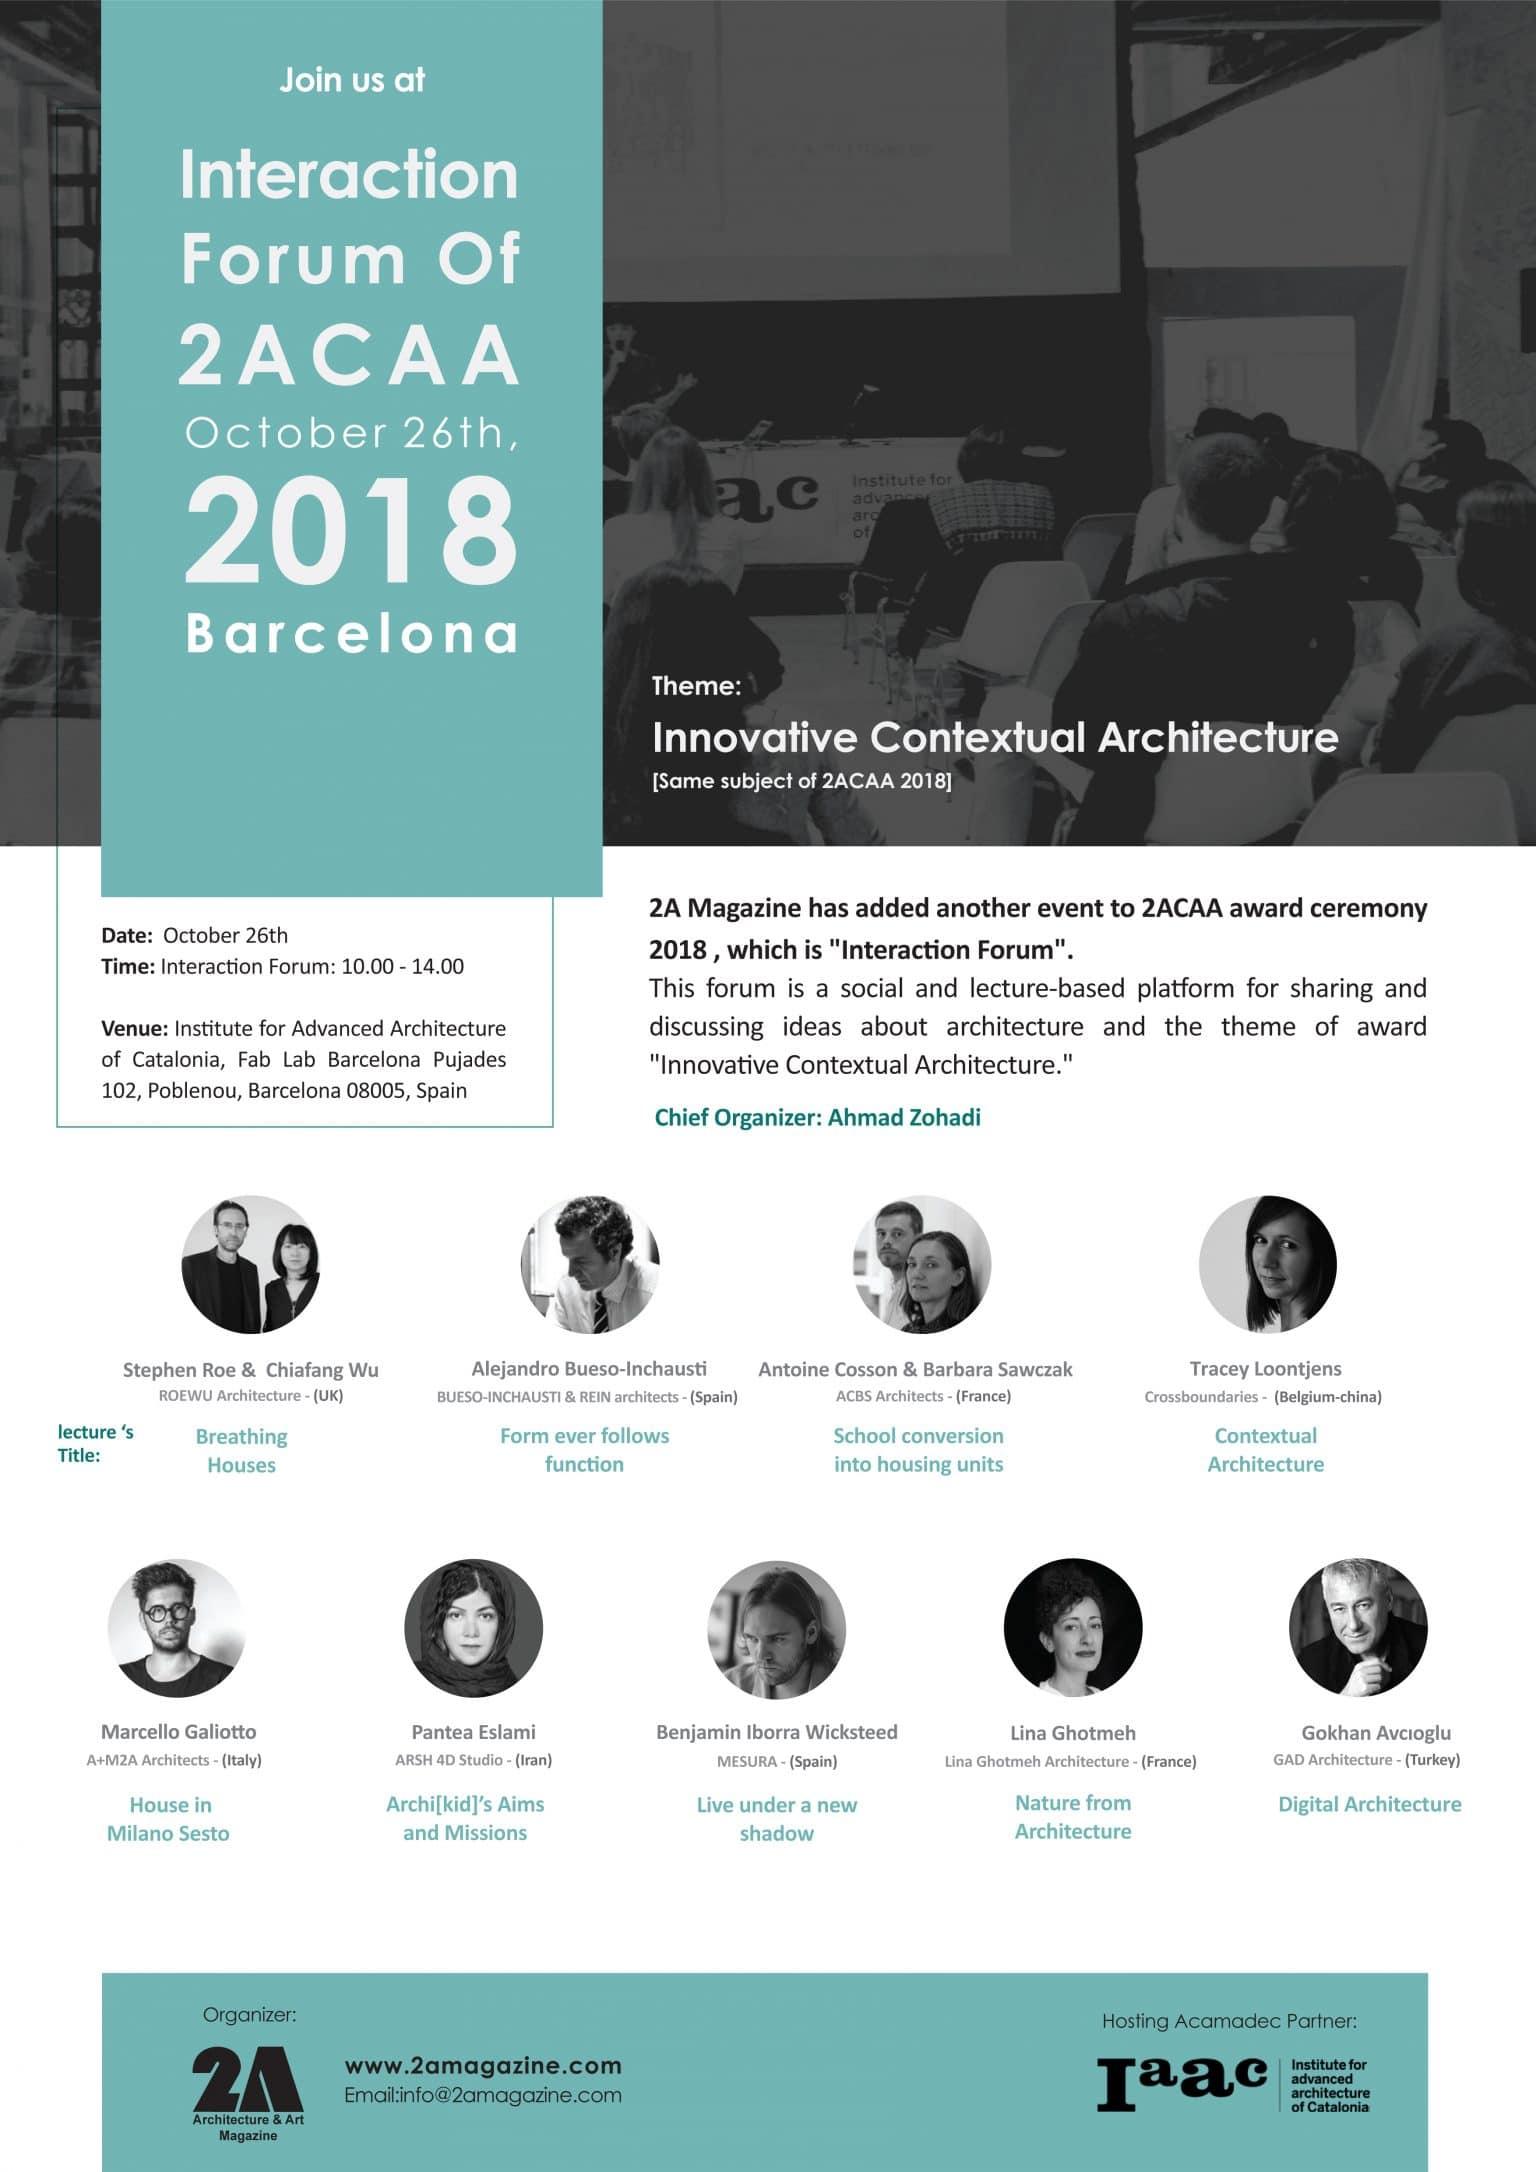 Interaction Forum of 2ACAA